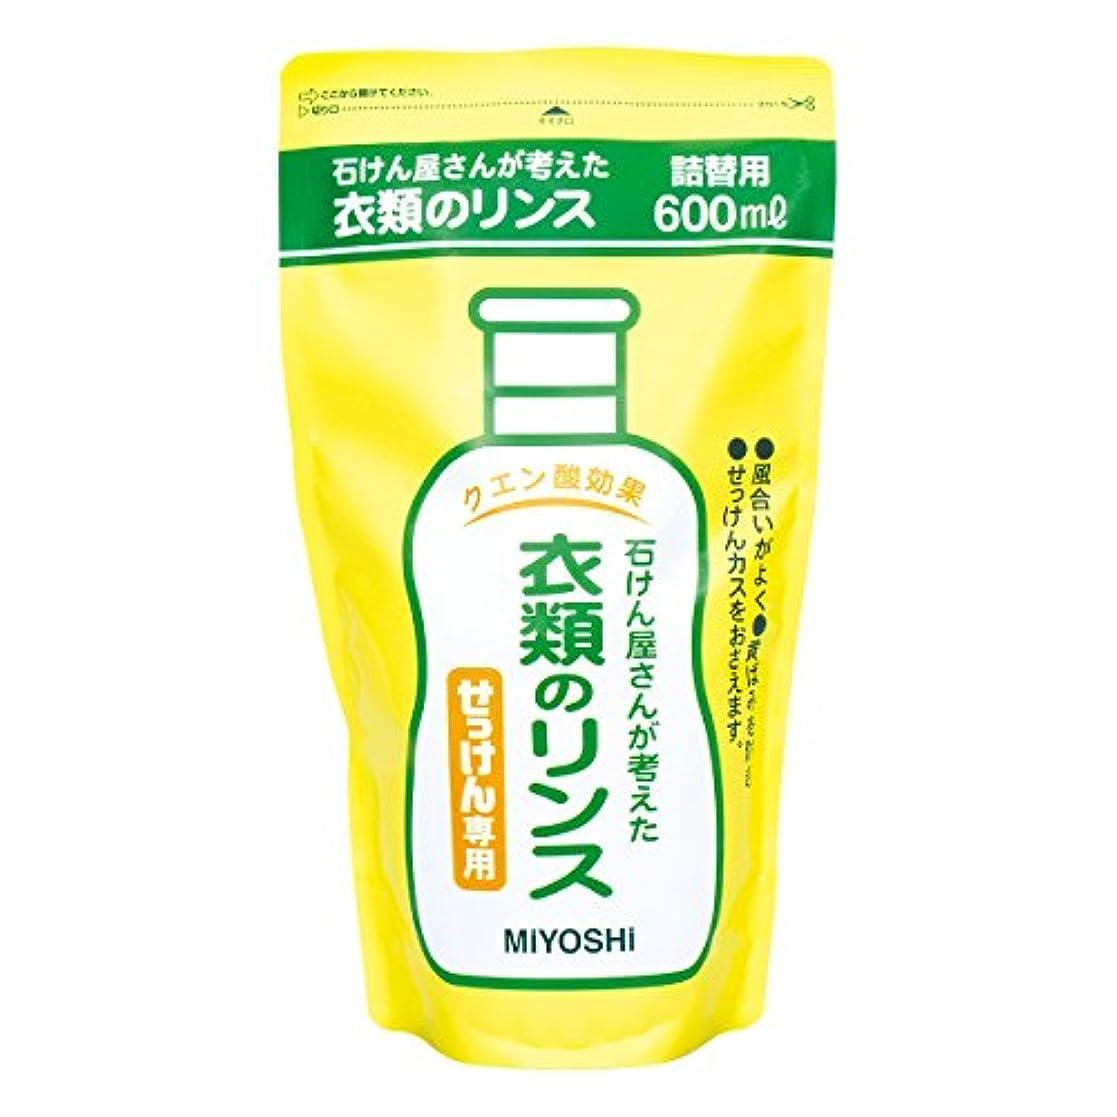 亜熱帯スーパーマーケットシャー石けん屋さんが考えた衣類のリンス 詰替 600ml